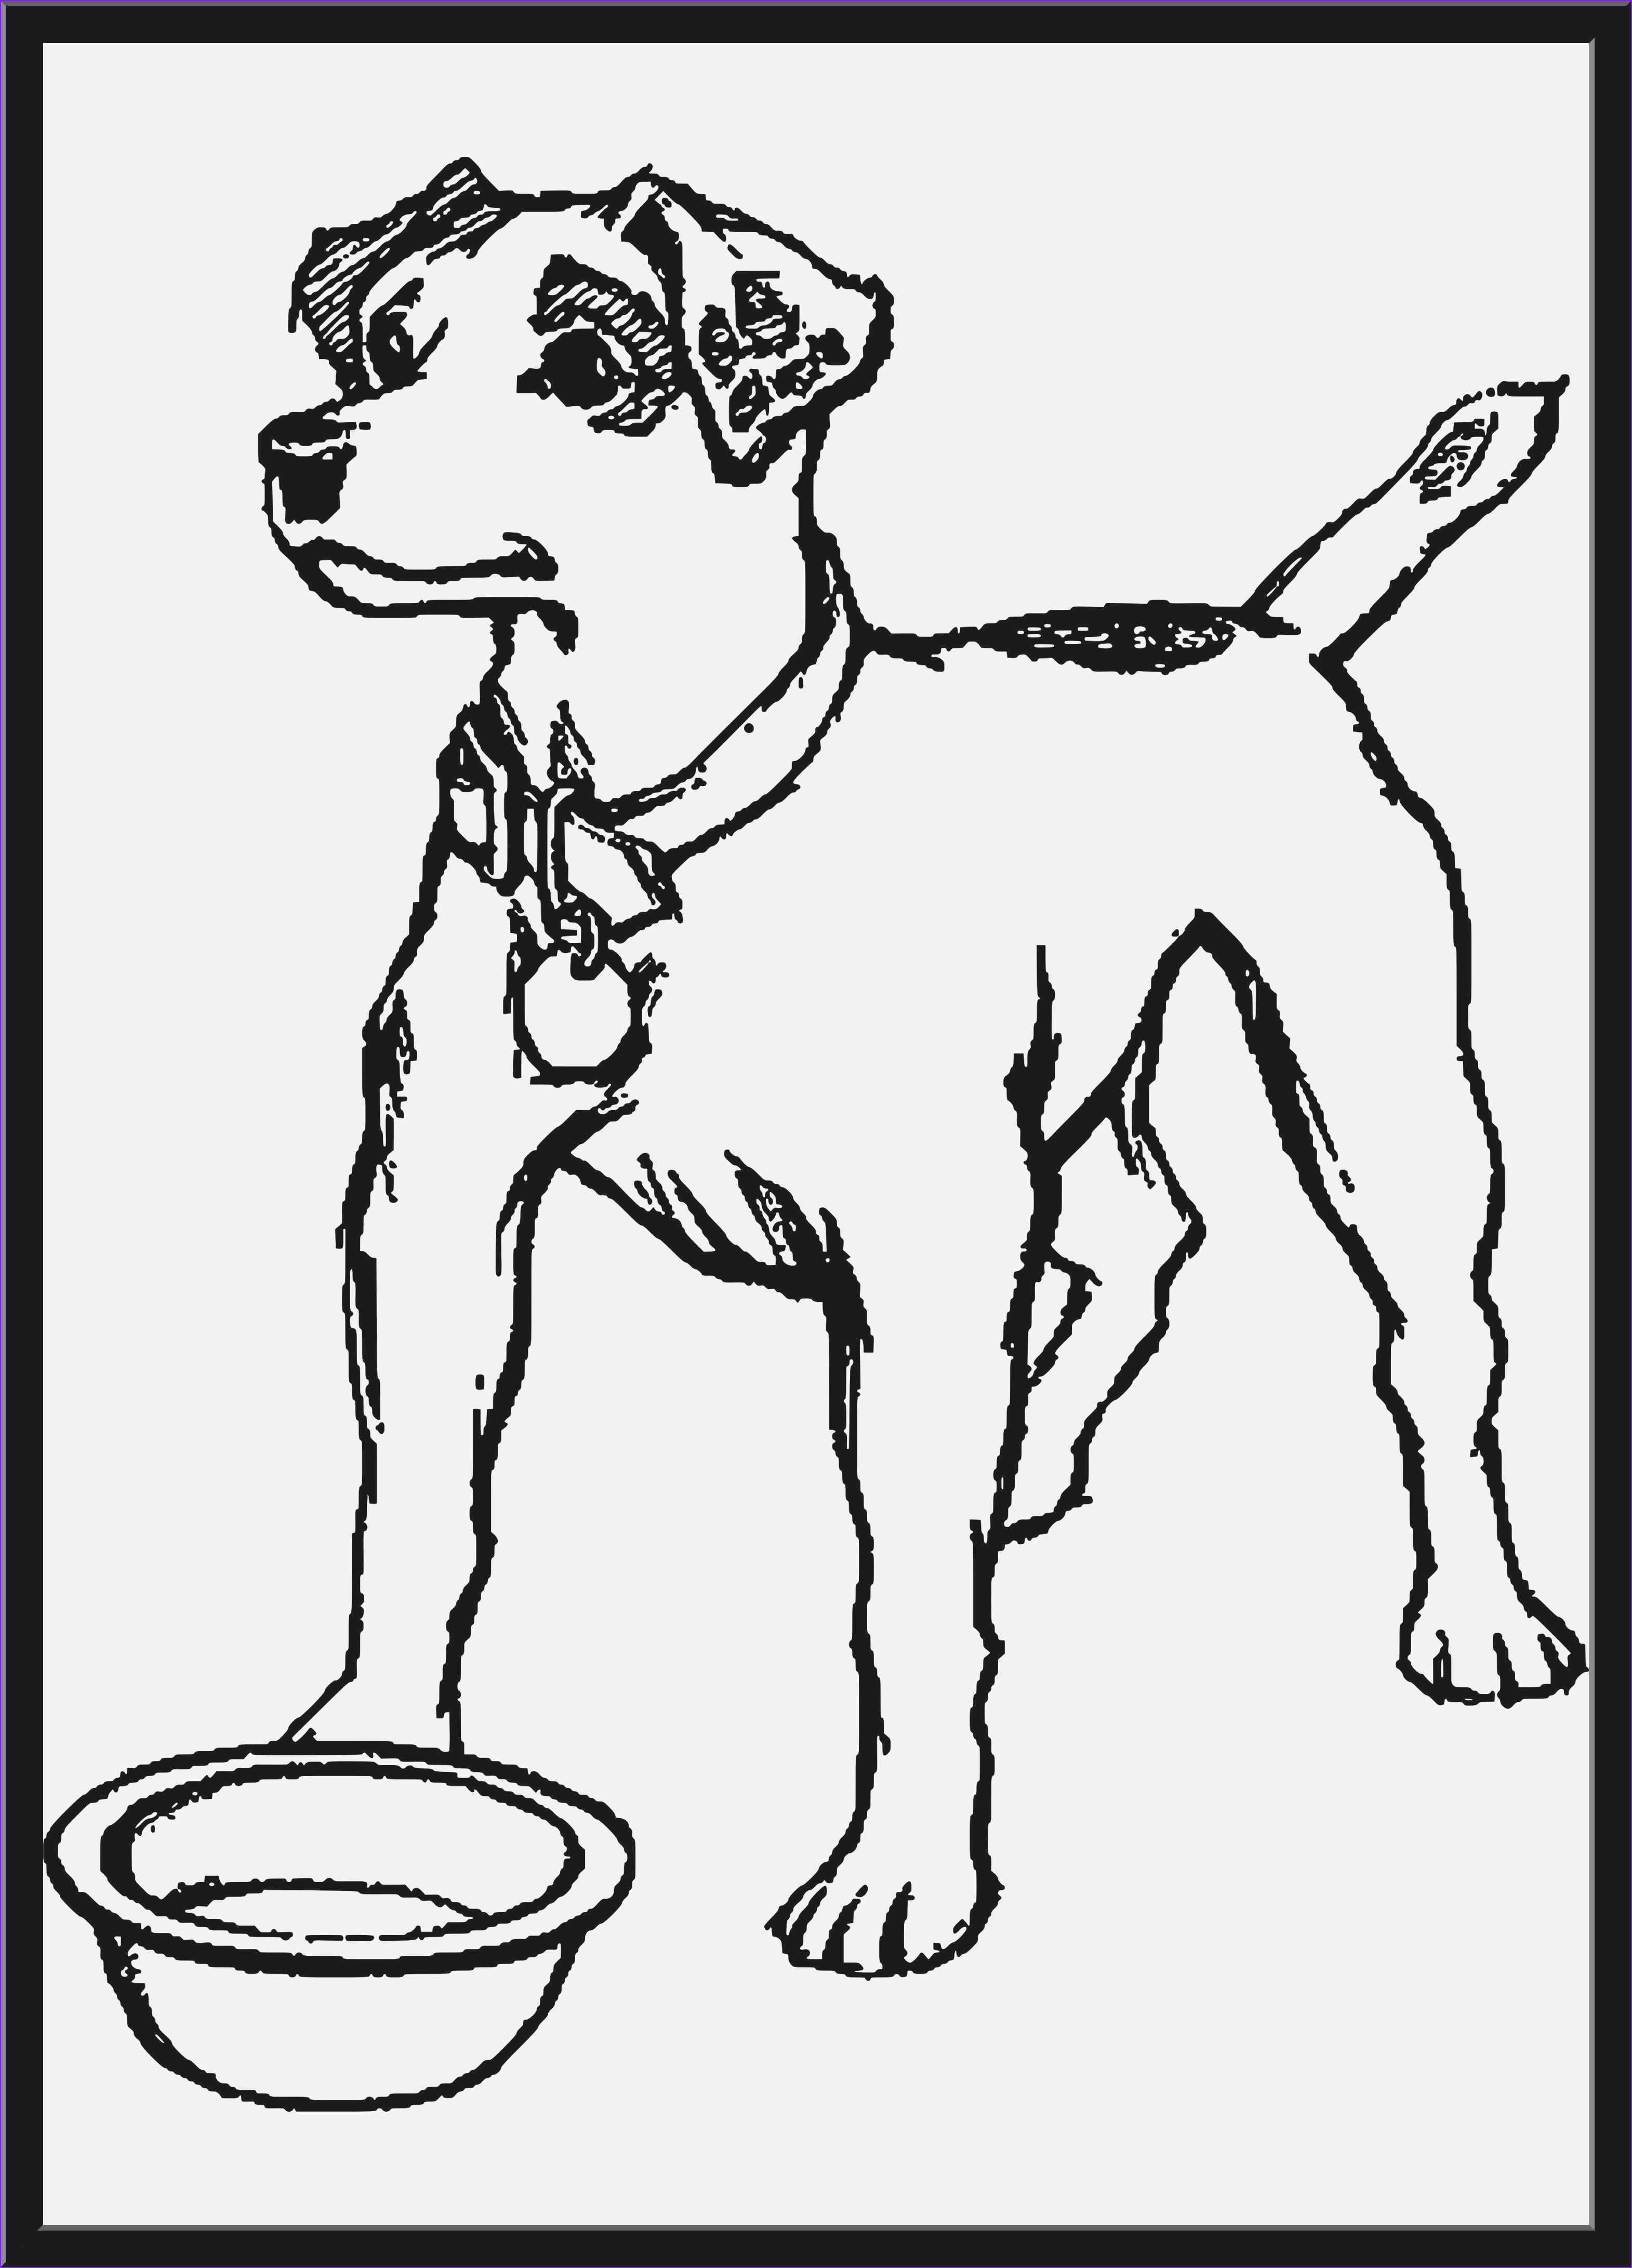 Mops Zum Ausmalen Einzigartig 35 Mops Ausmalbilder Scoredatscore Frisch Hunde Ausmalbilder Zum Galerie